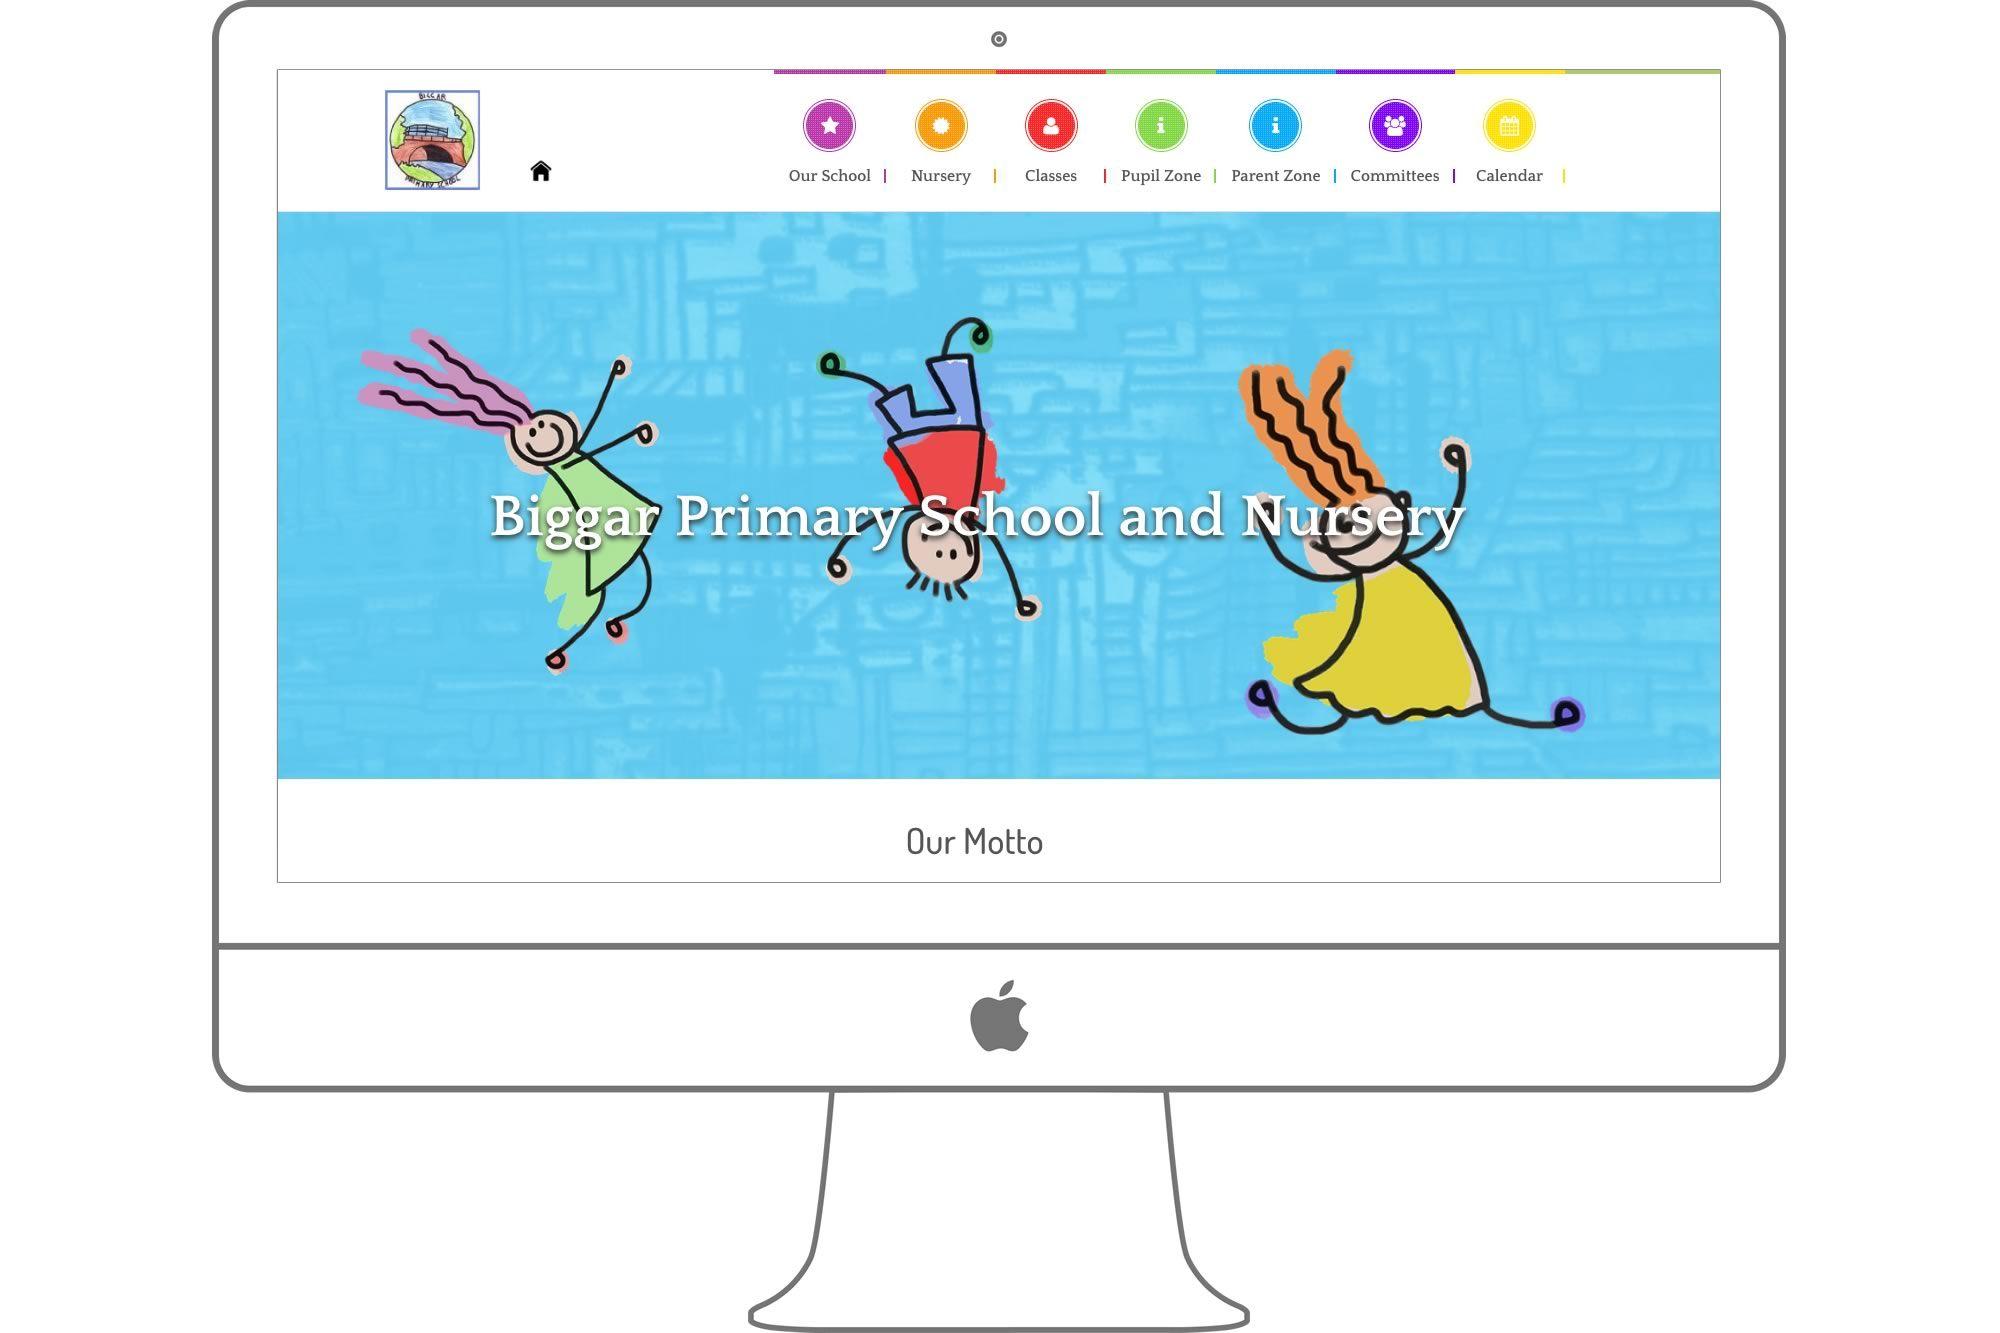 Biggar Primary School Website by Big Decision